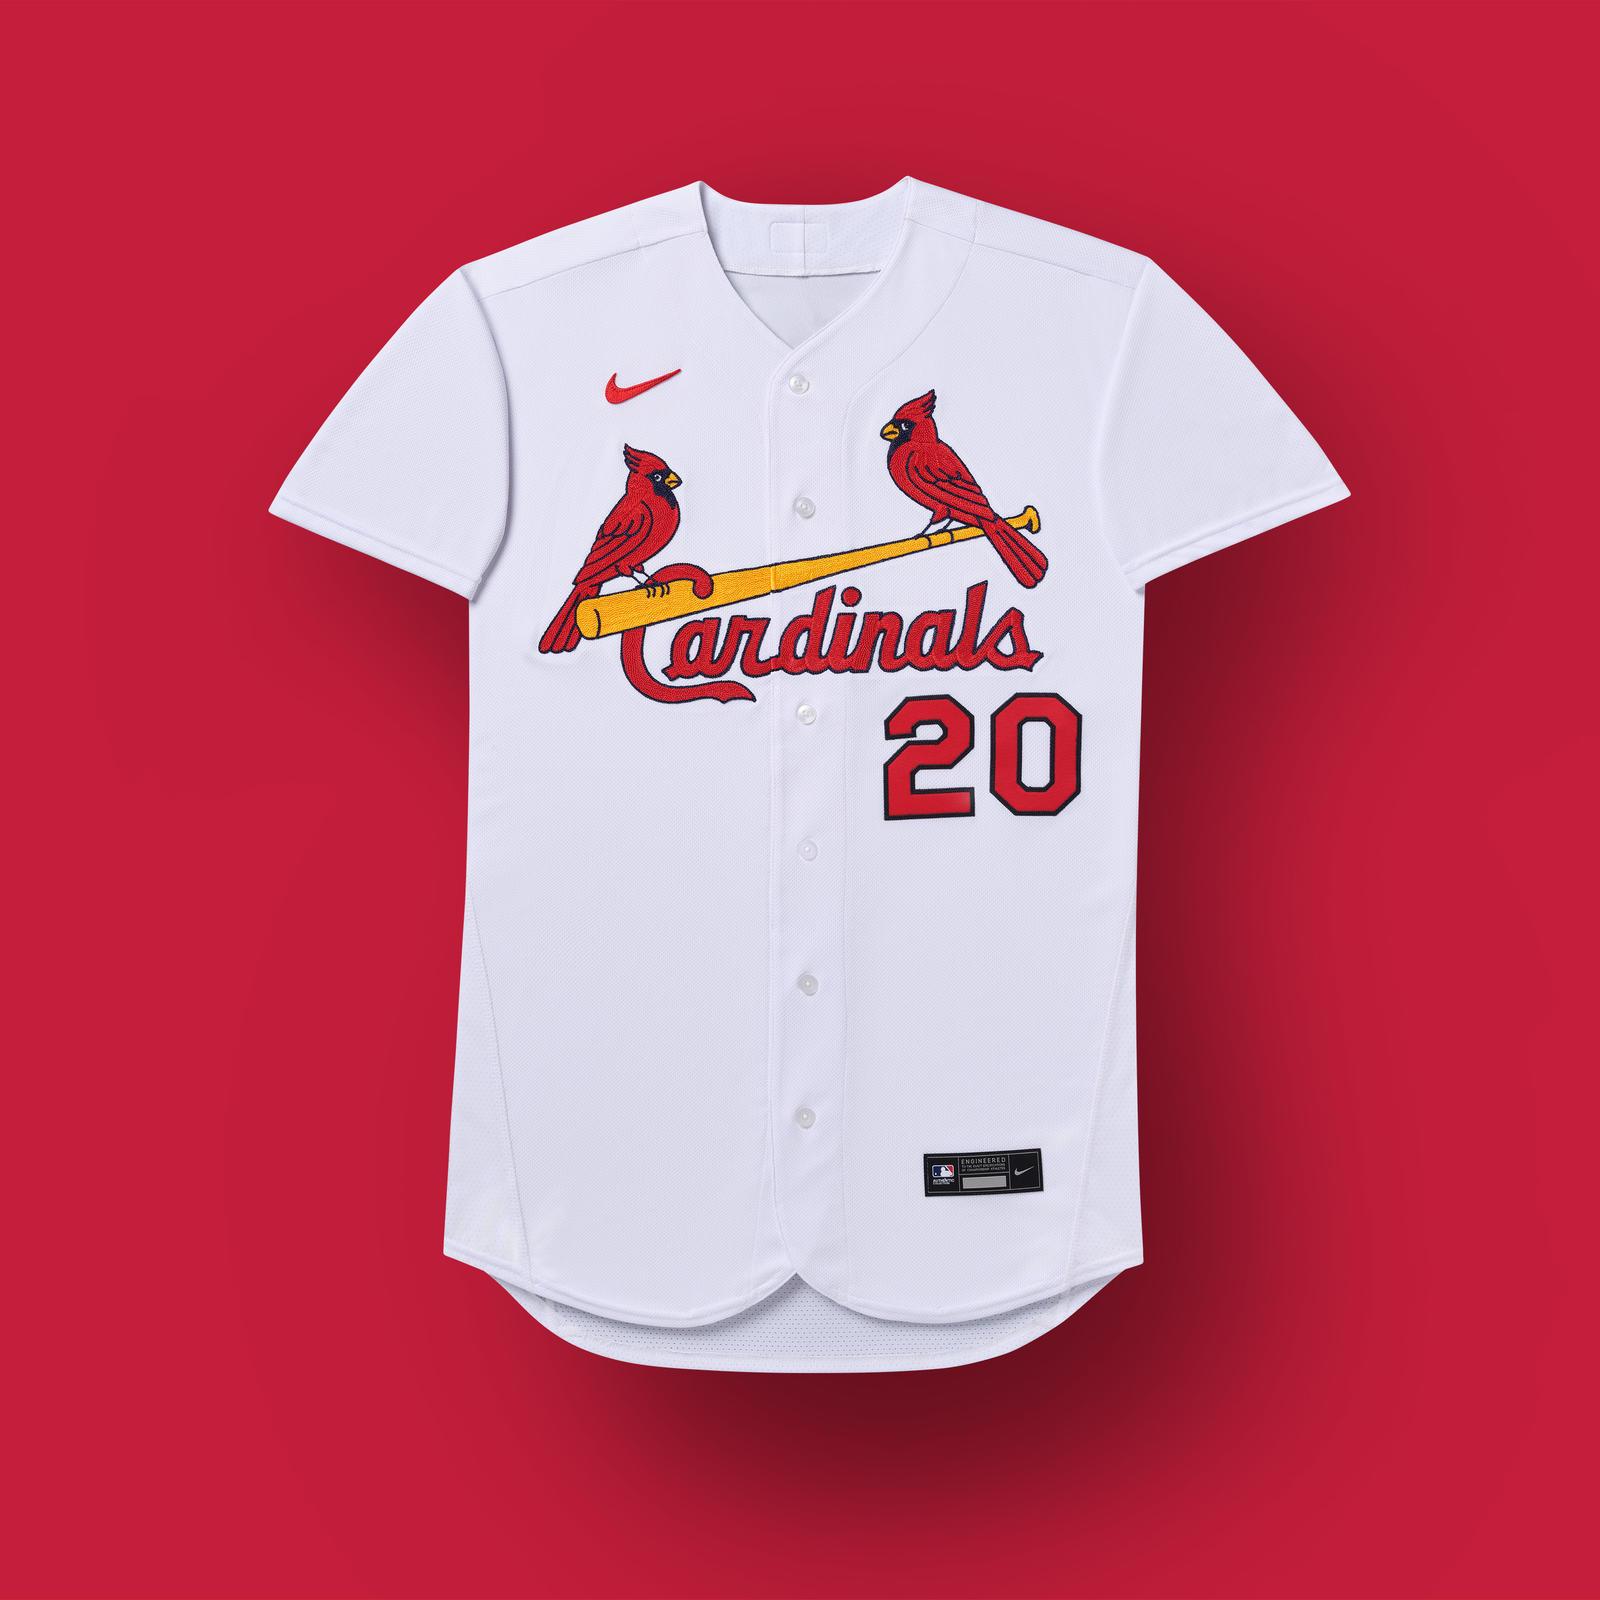 stl cardinals jerseys sale